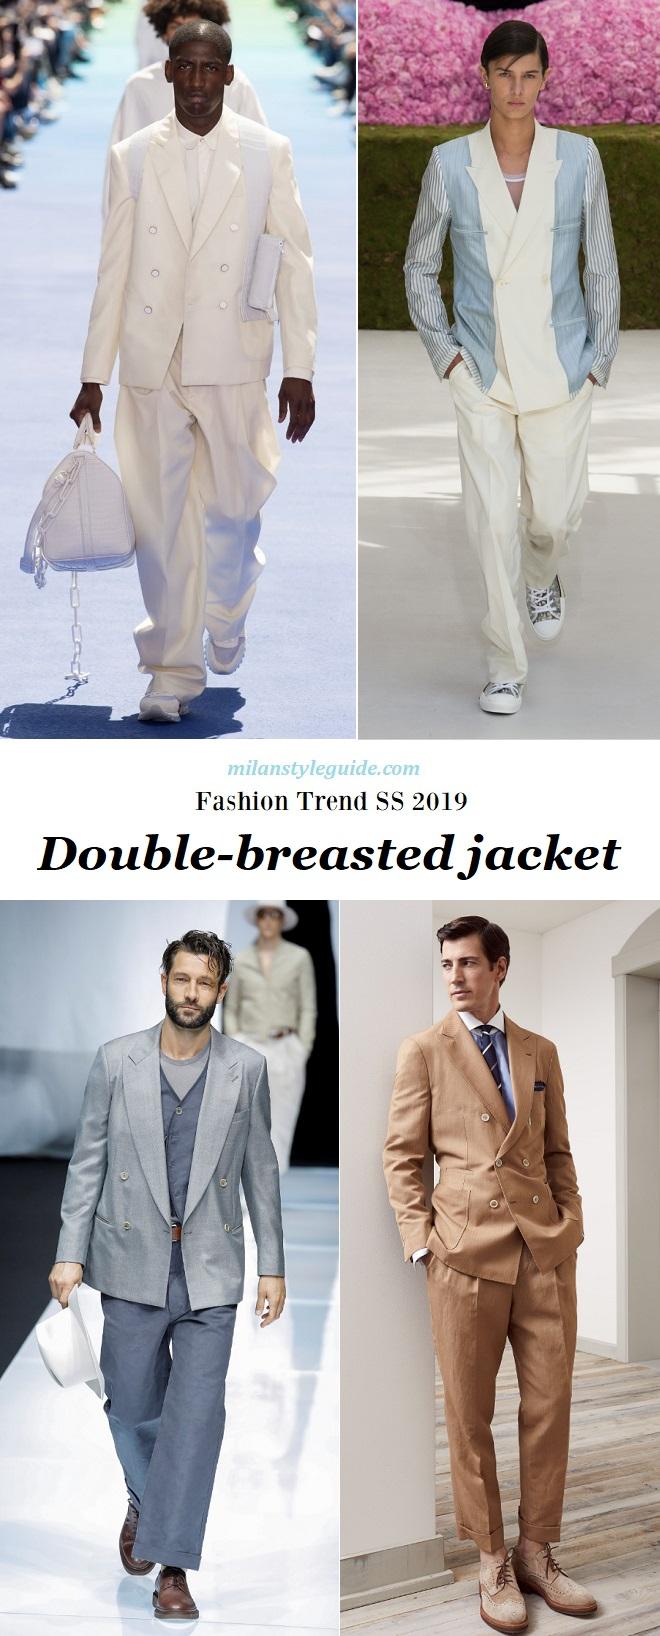 модная тенденции 2019 двубортный пиджак